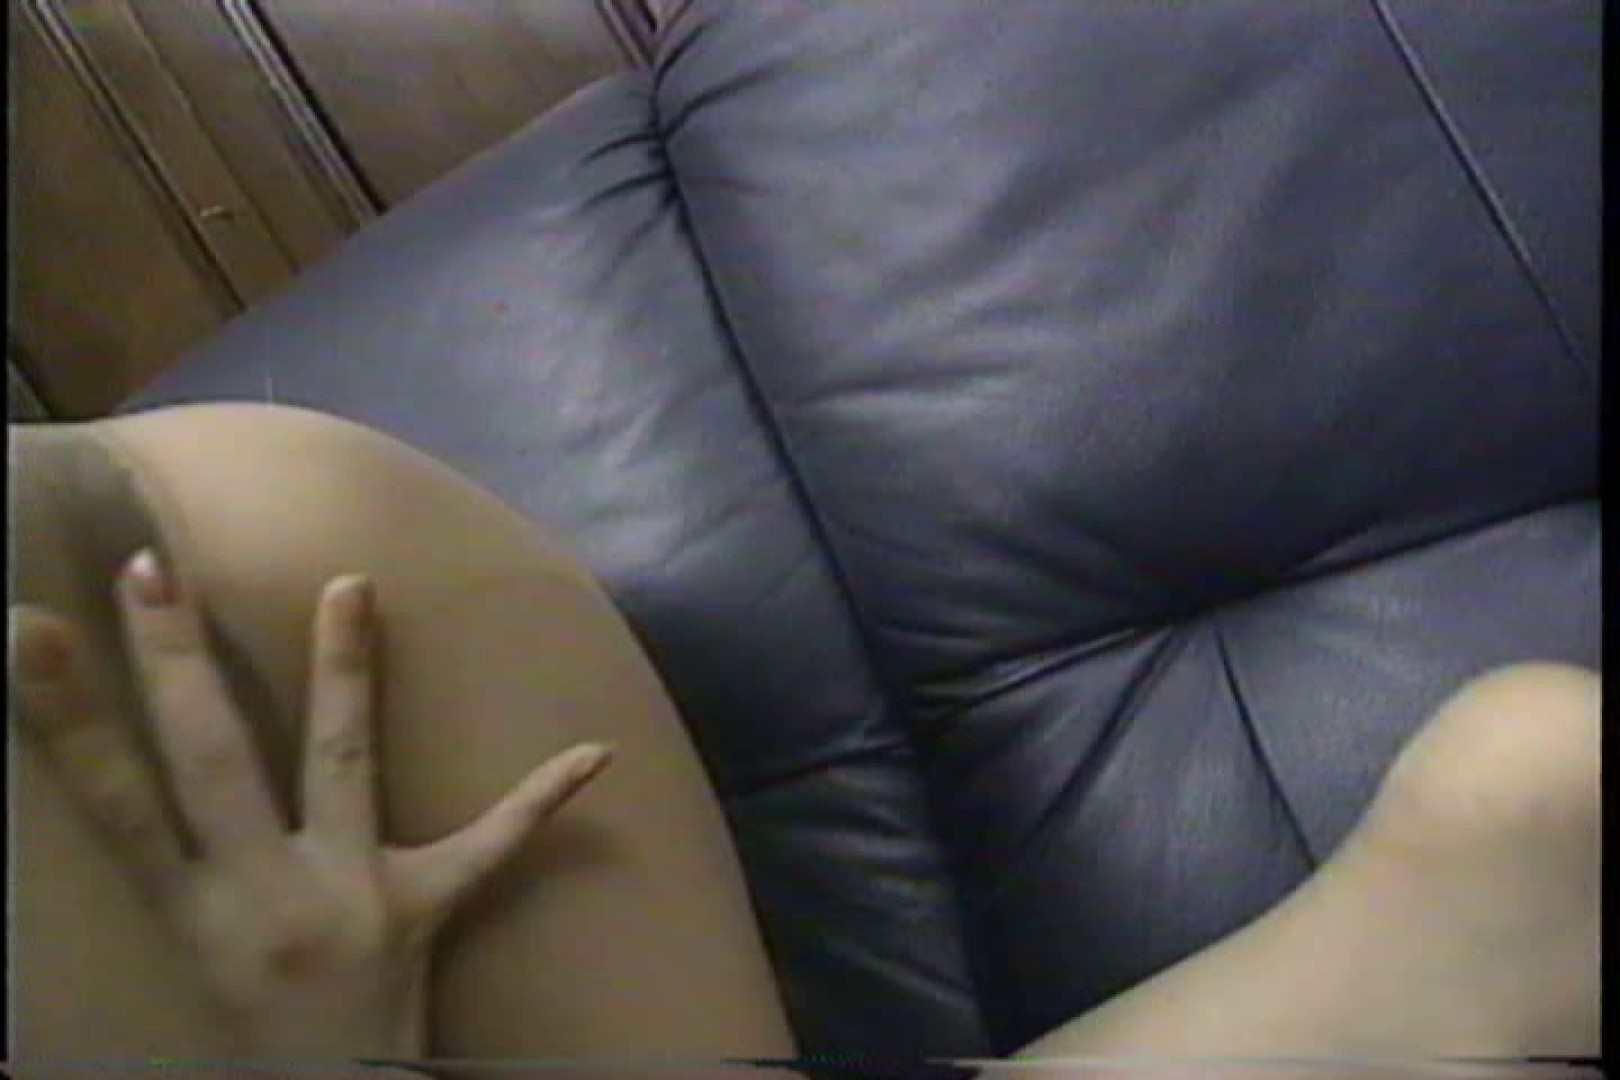 かわいい人妻、巨乳が疼いて止まらない~飯島れいか~ 熟女のエッチ スケベ動画紹介 106pic 13